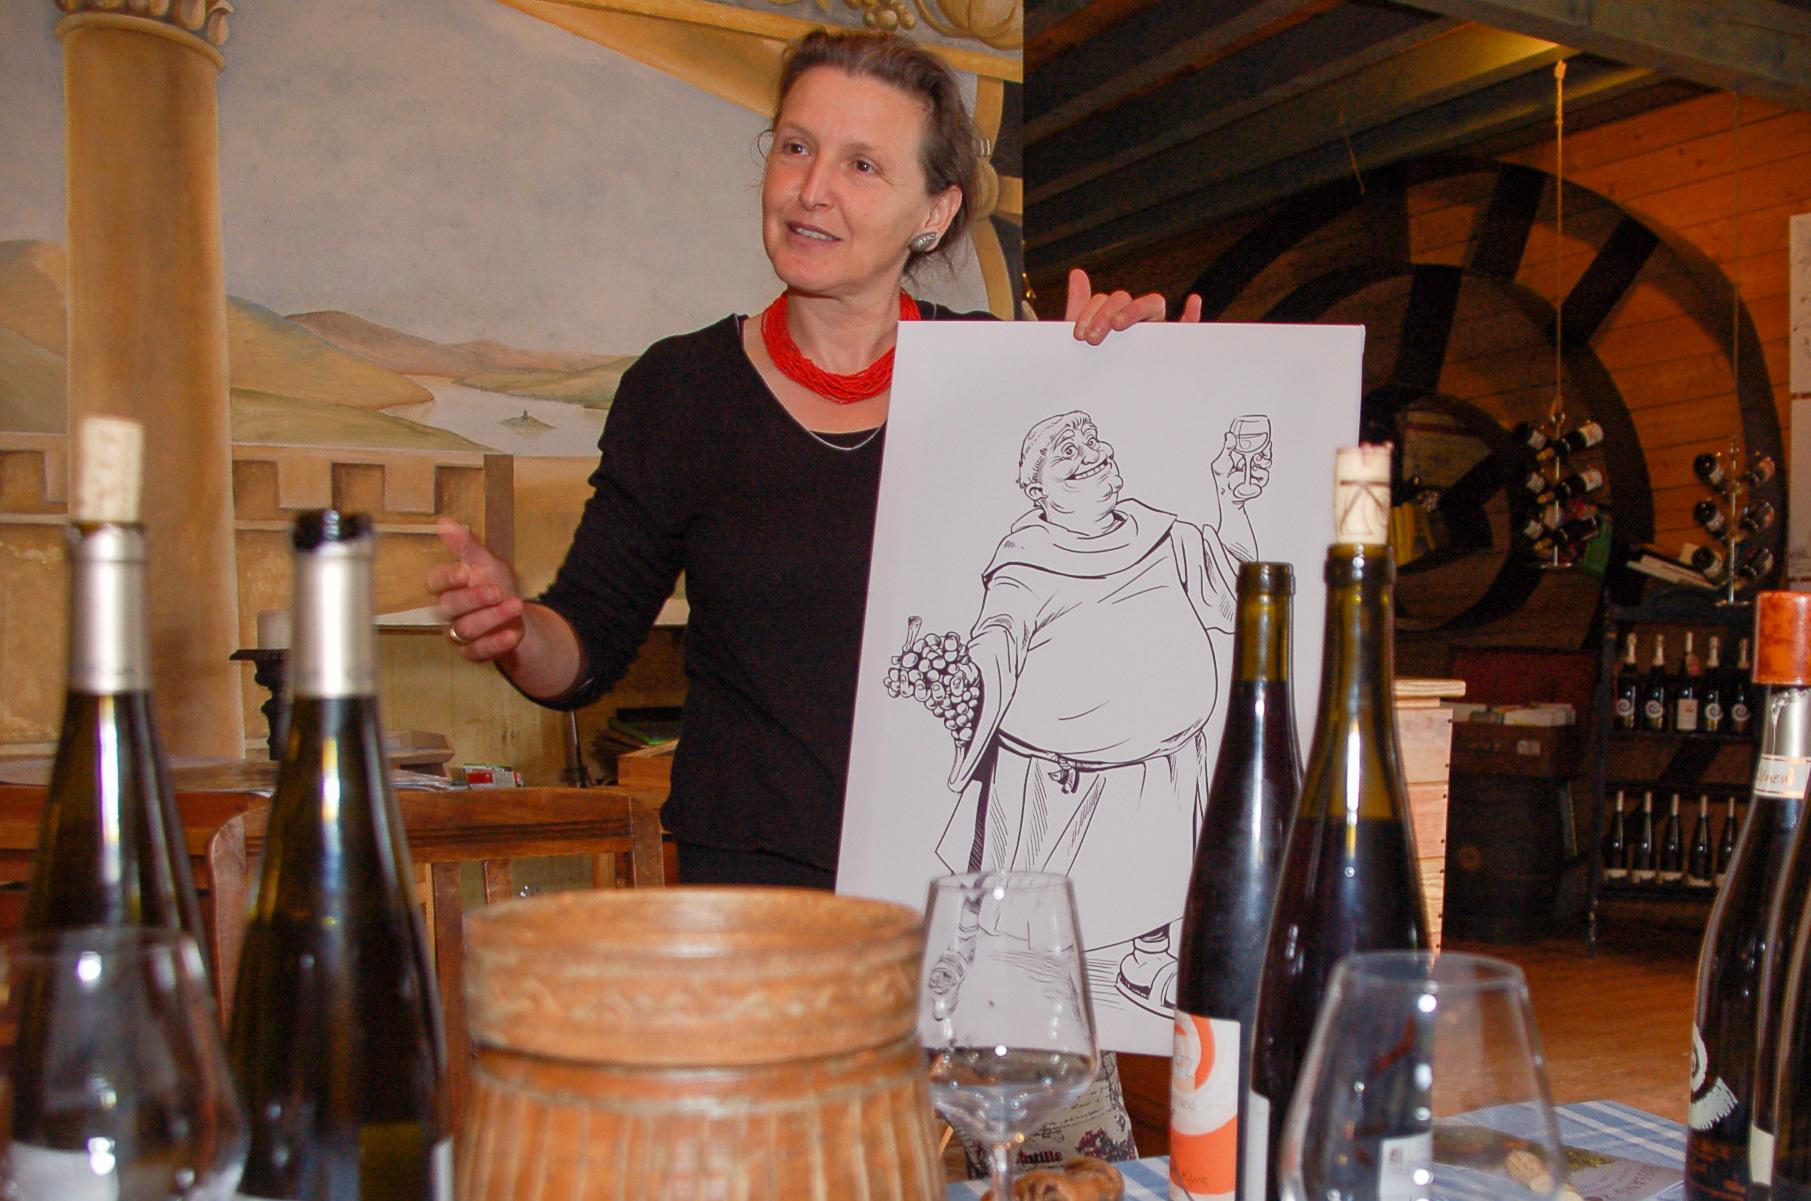 Innenaufnahme aus der Domaine Clur im Elsass mit Zeichnung, Flaschen und Gläser